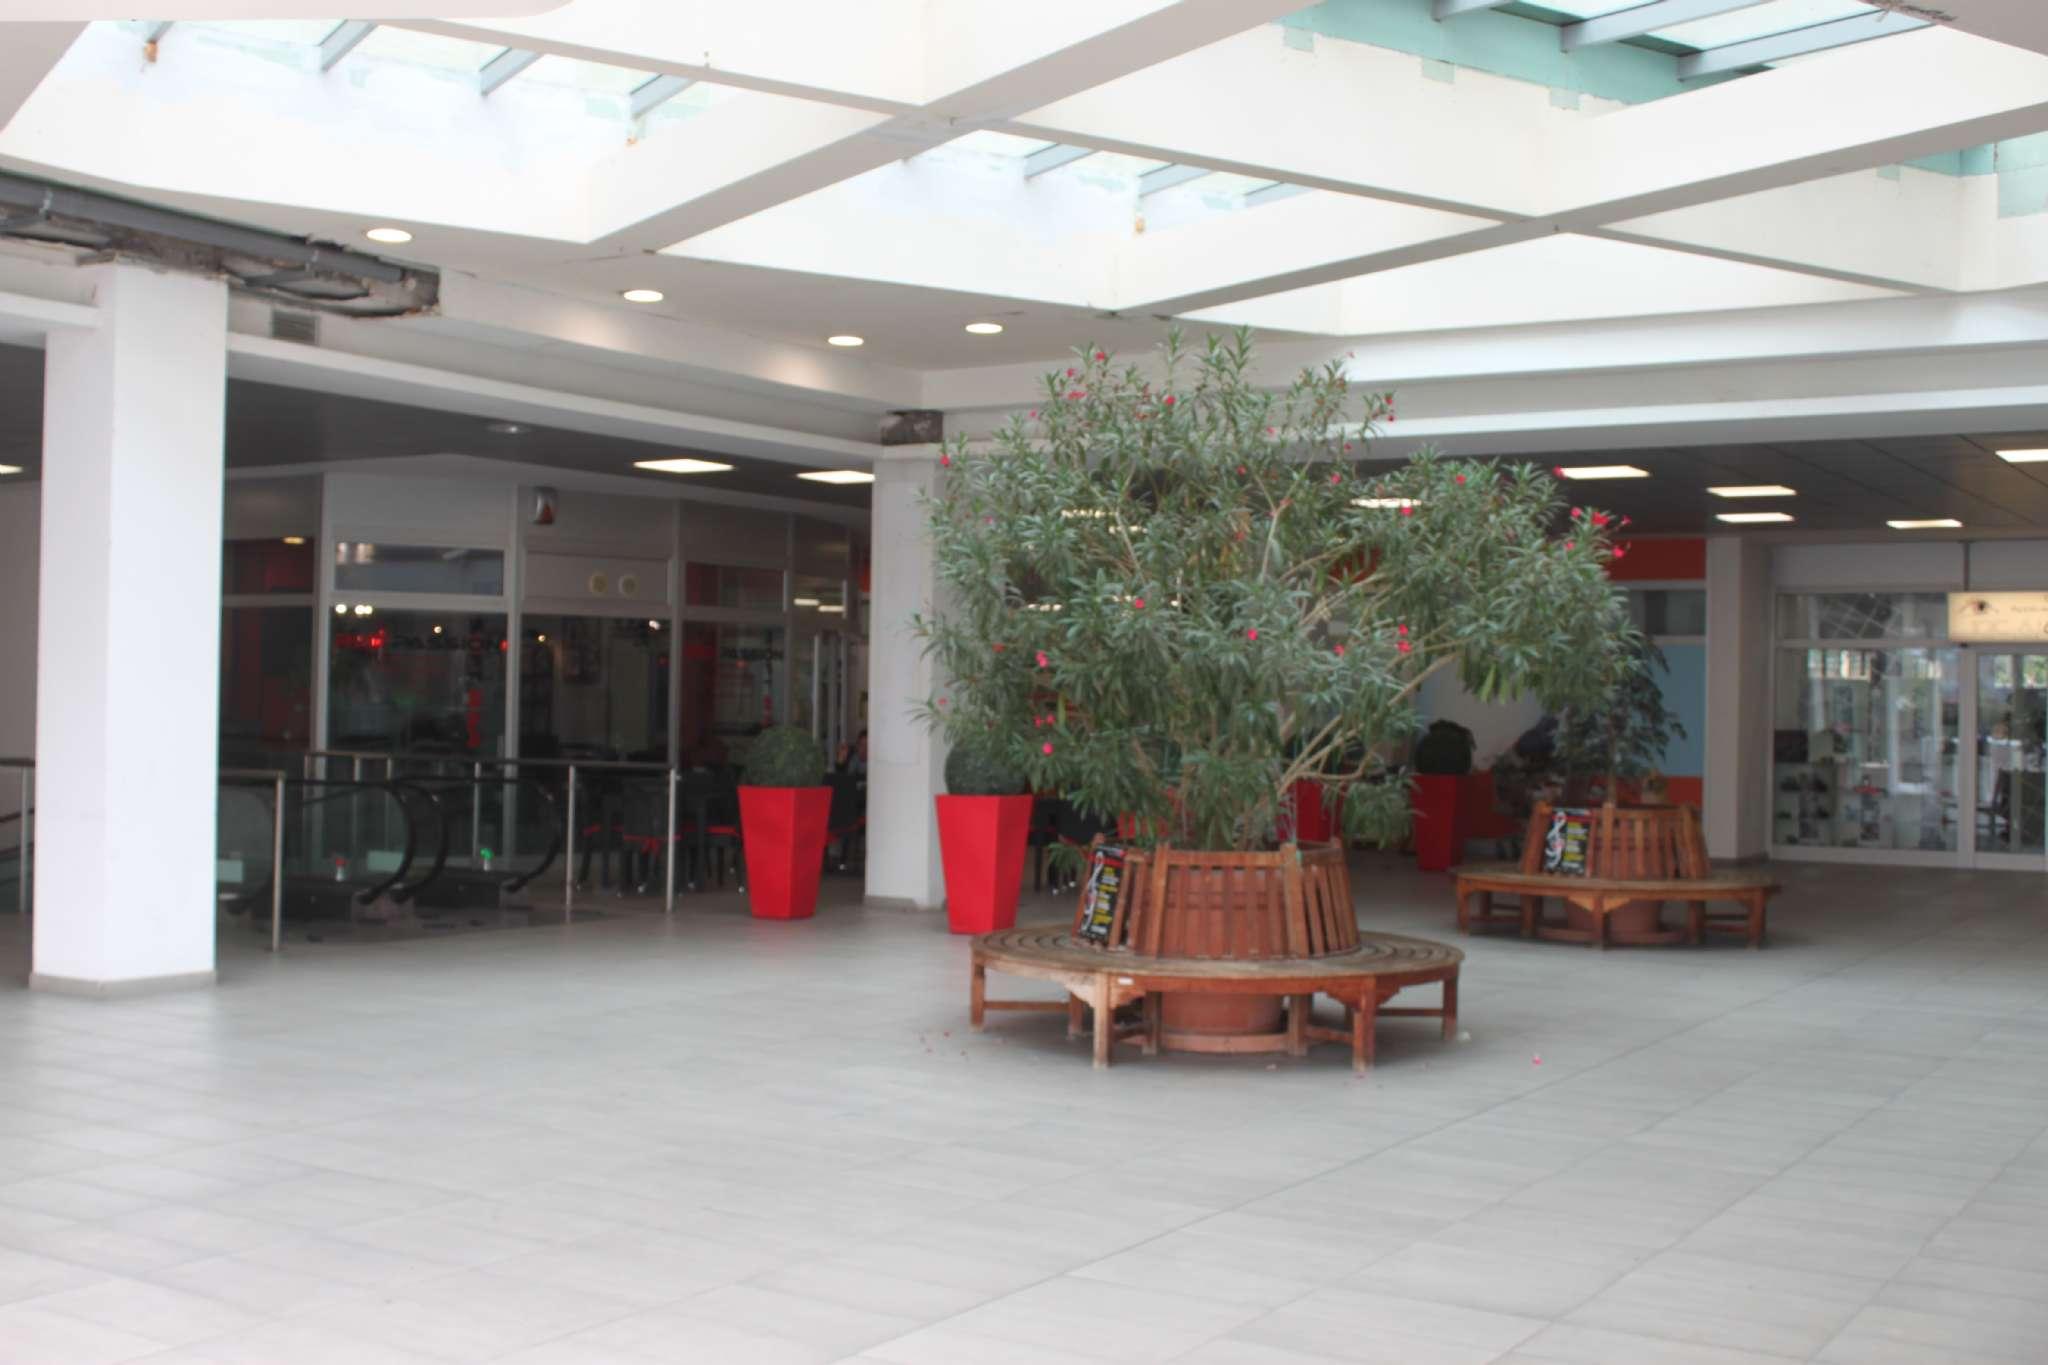 Negozio / Locale in vendita a Guastalla, 9999 locali, prezzo € 125.000 | CambioCasa.it